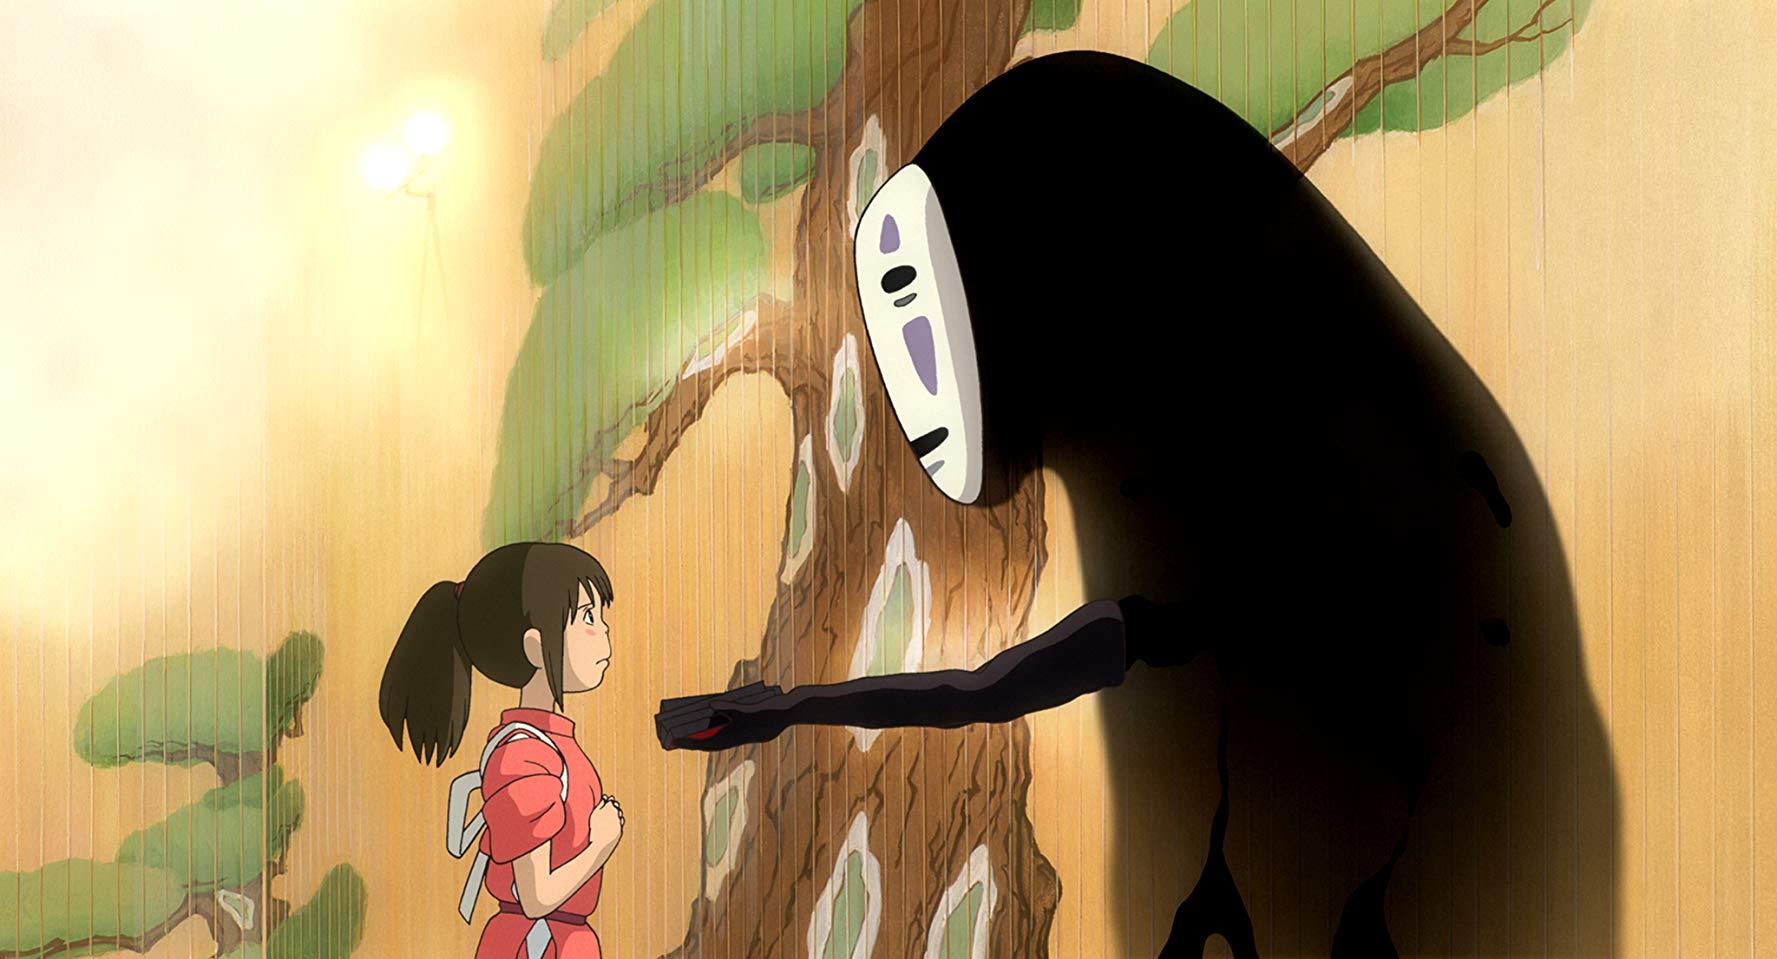 Унесённые призраками (Sen to Chihiro no kamikakushi)2001